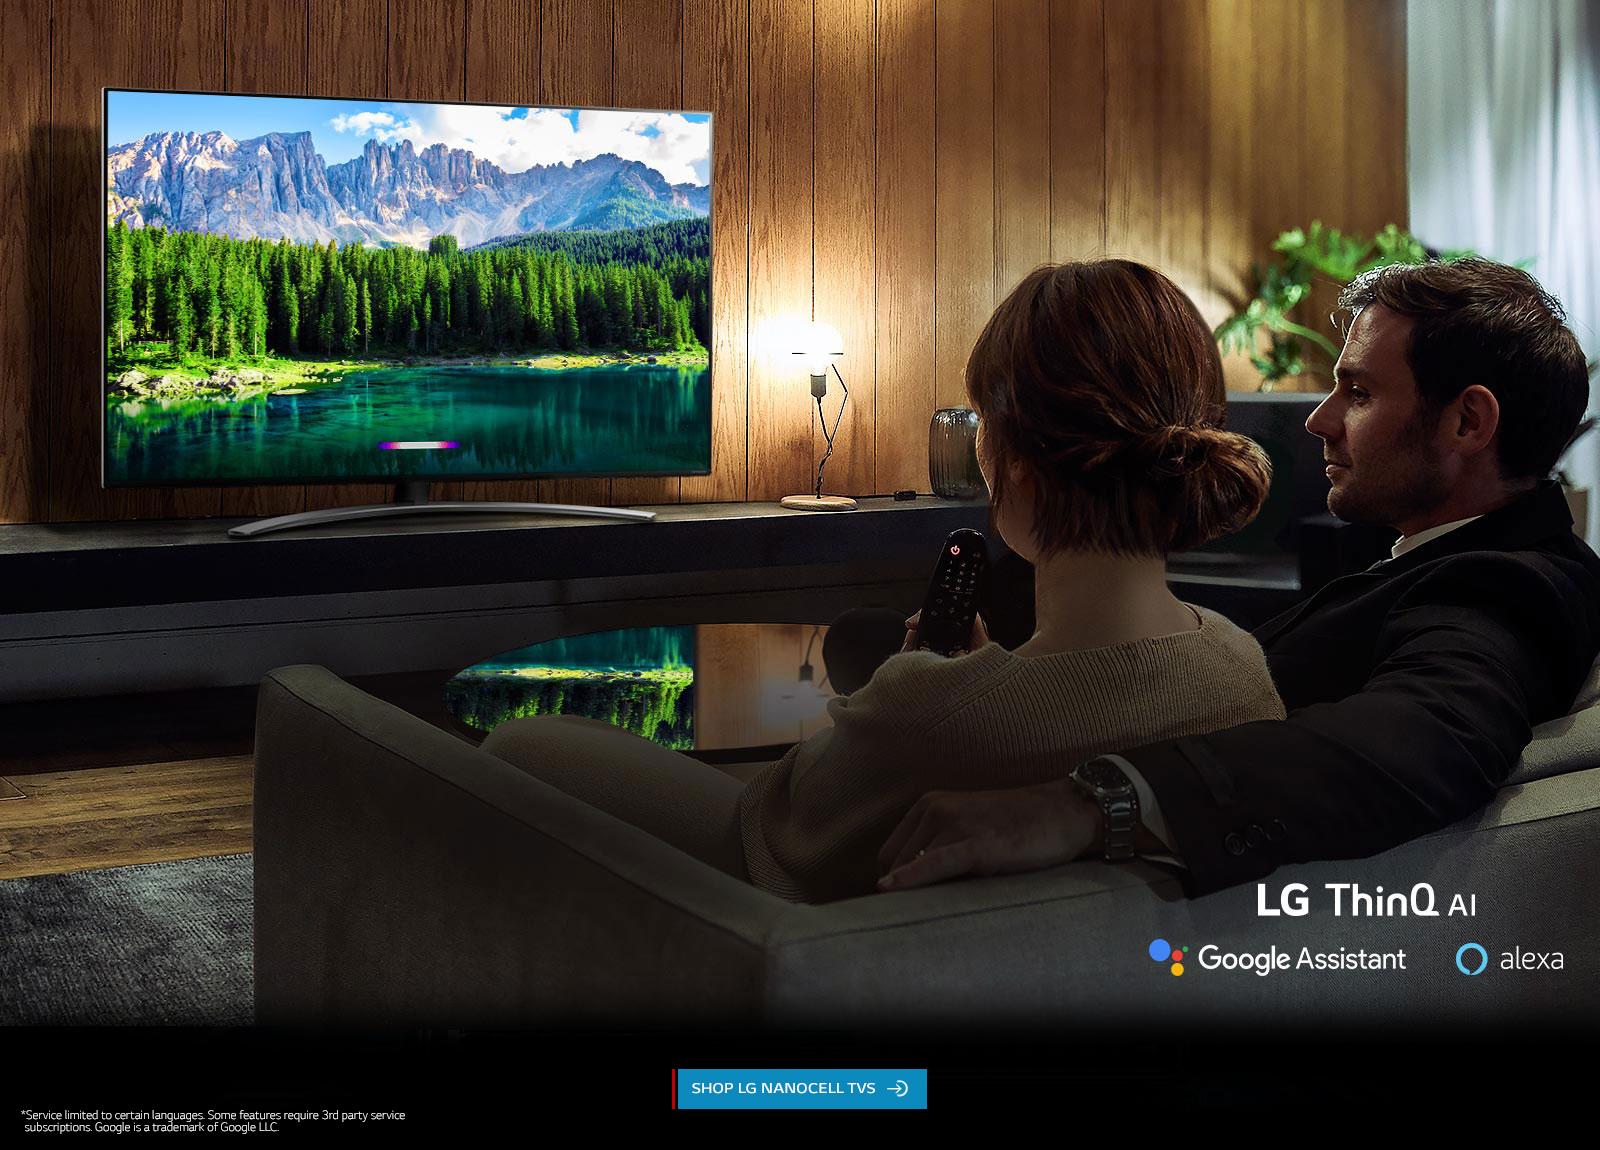 LG NanoCell TV aith LG ThinQ AI